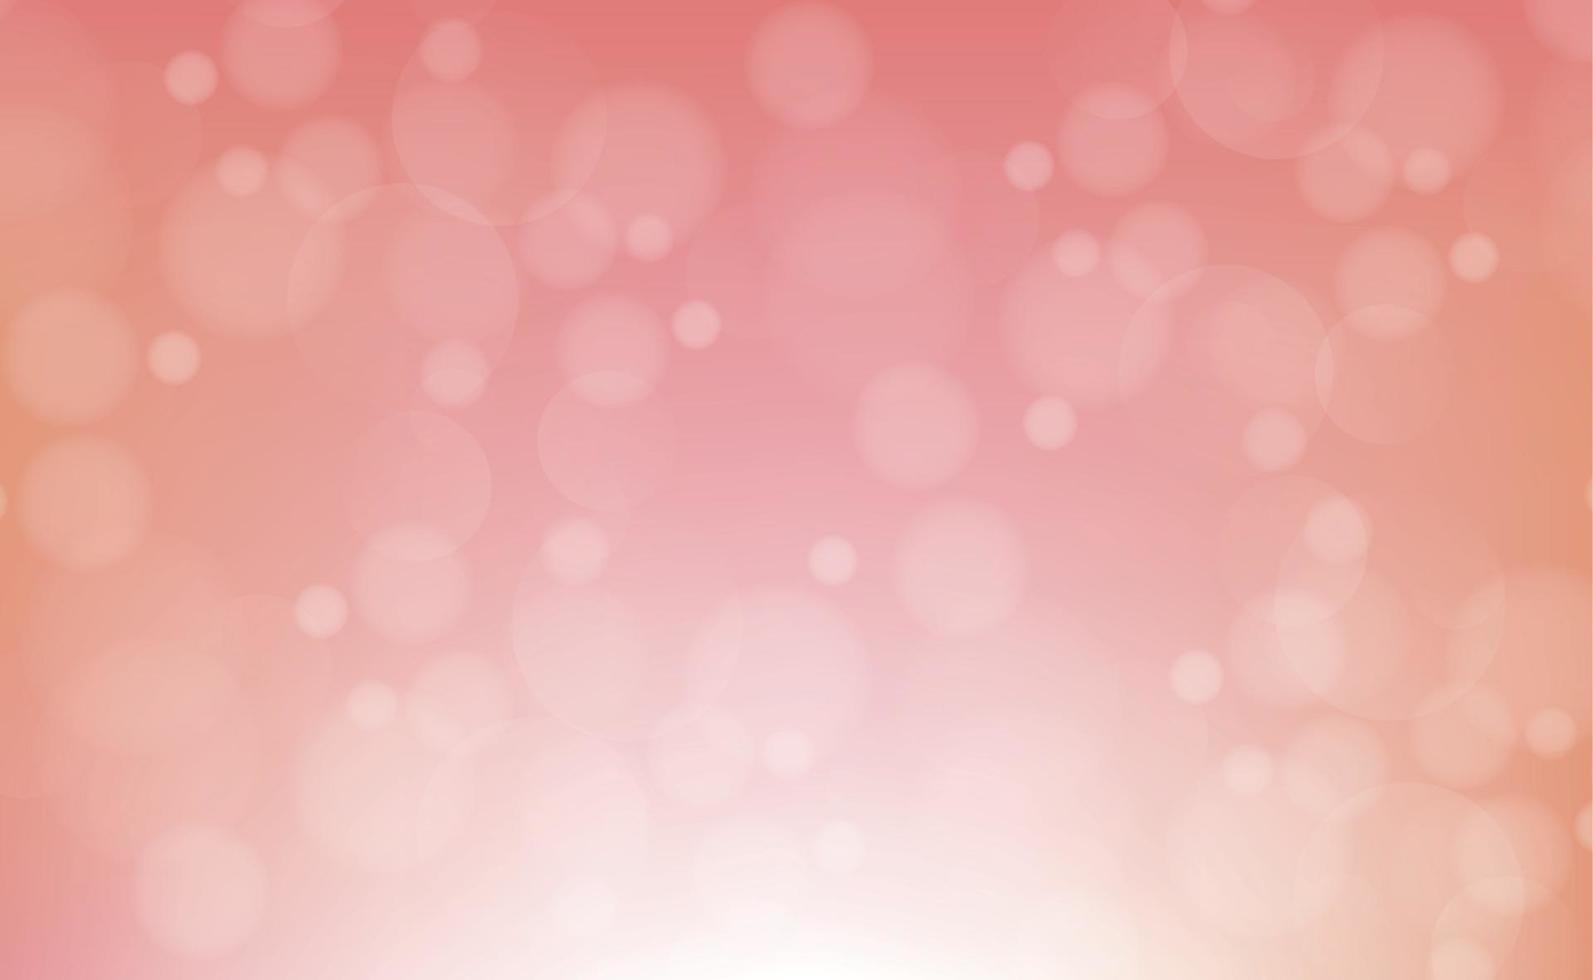 abstrait arrière-plan flou rouge avec effet bokeh vecteur